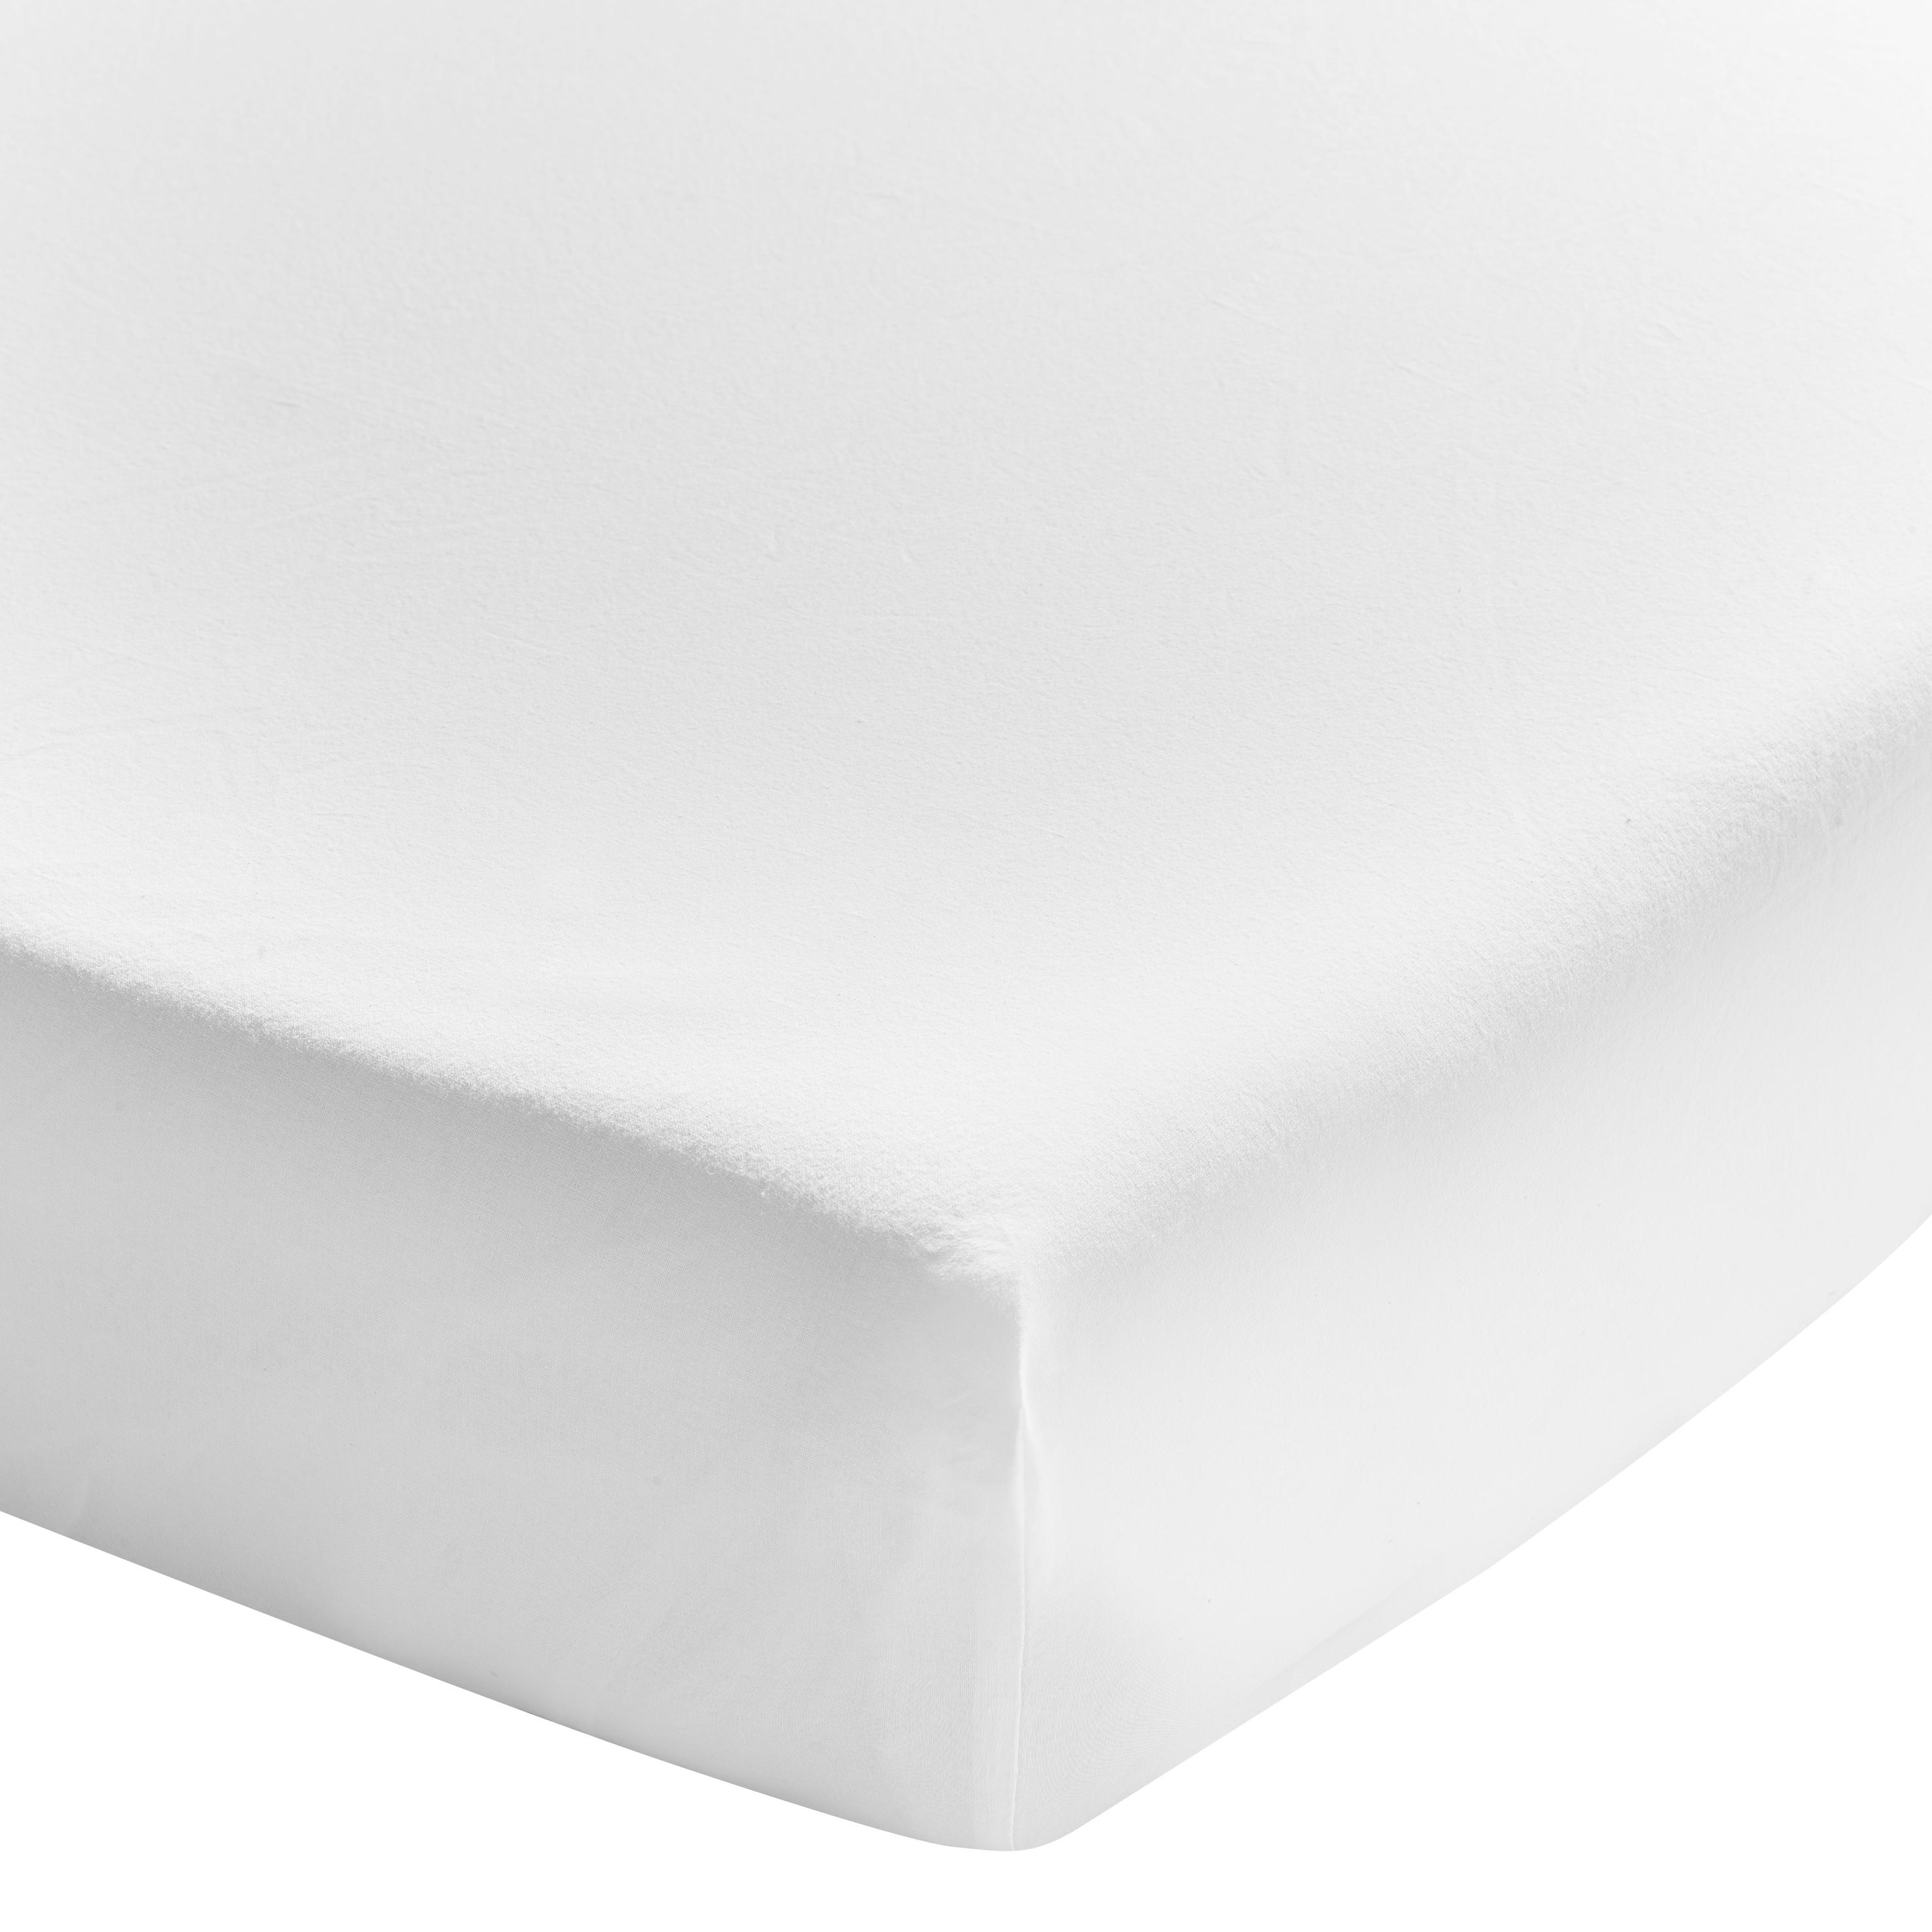 Drap housse uni en coton lavé blanc 140x200